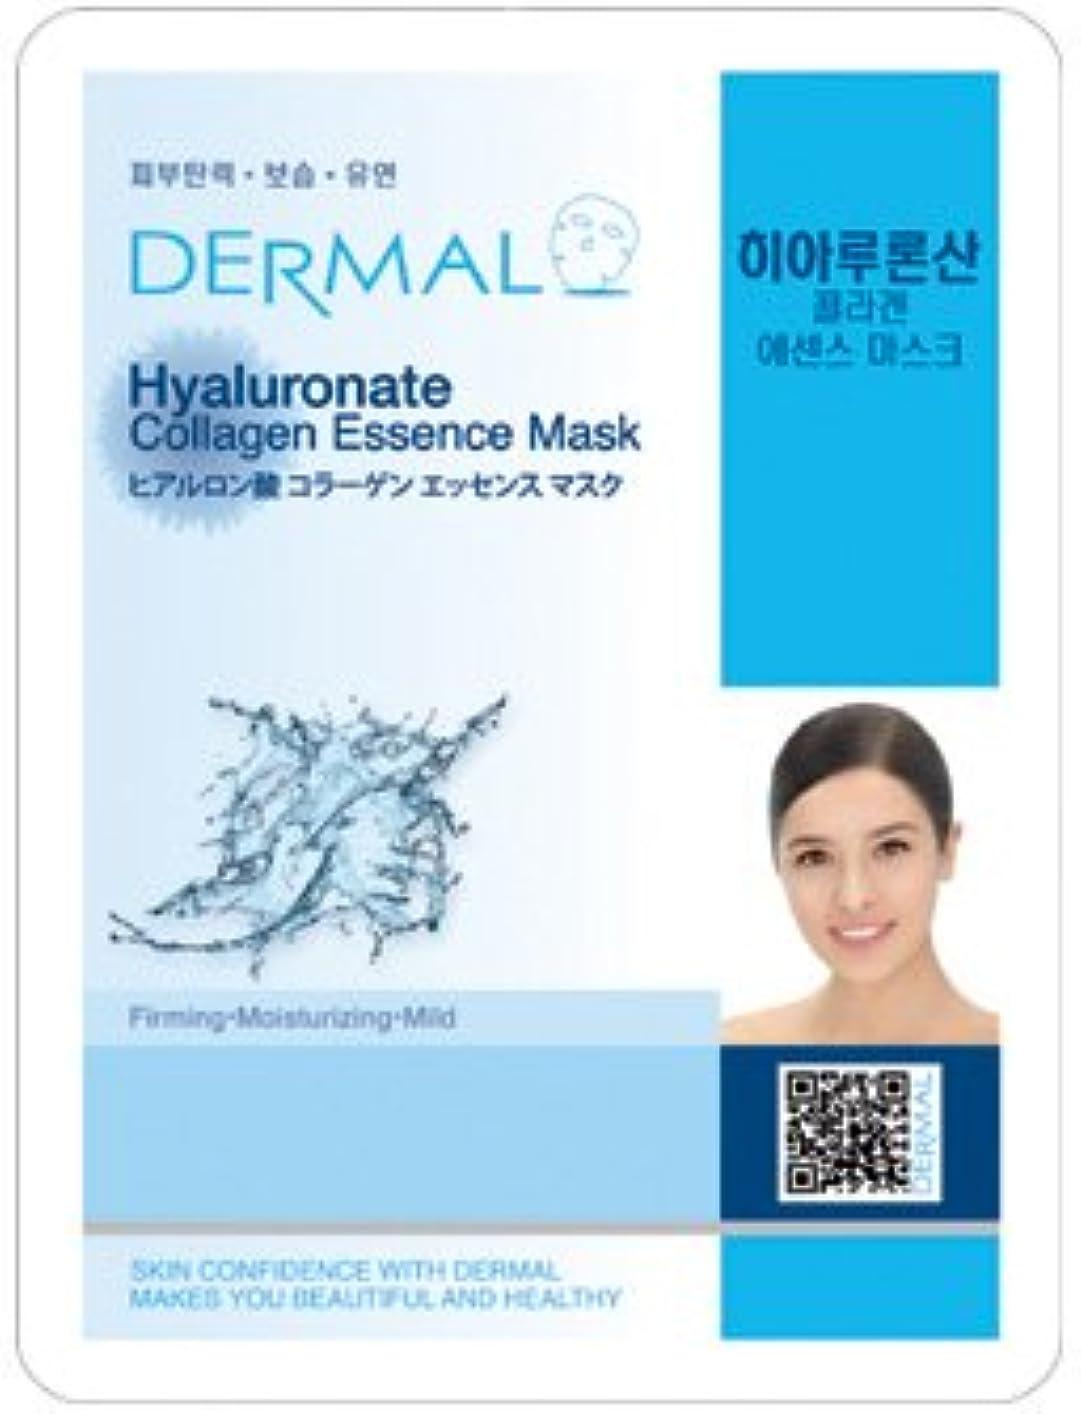 不振リサイクルするアスリートシートマスク ヒアルロン酸 100枚セット ダーマル(Dermal) フェイス パック